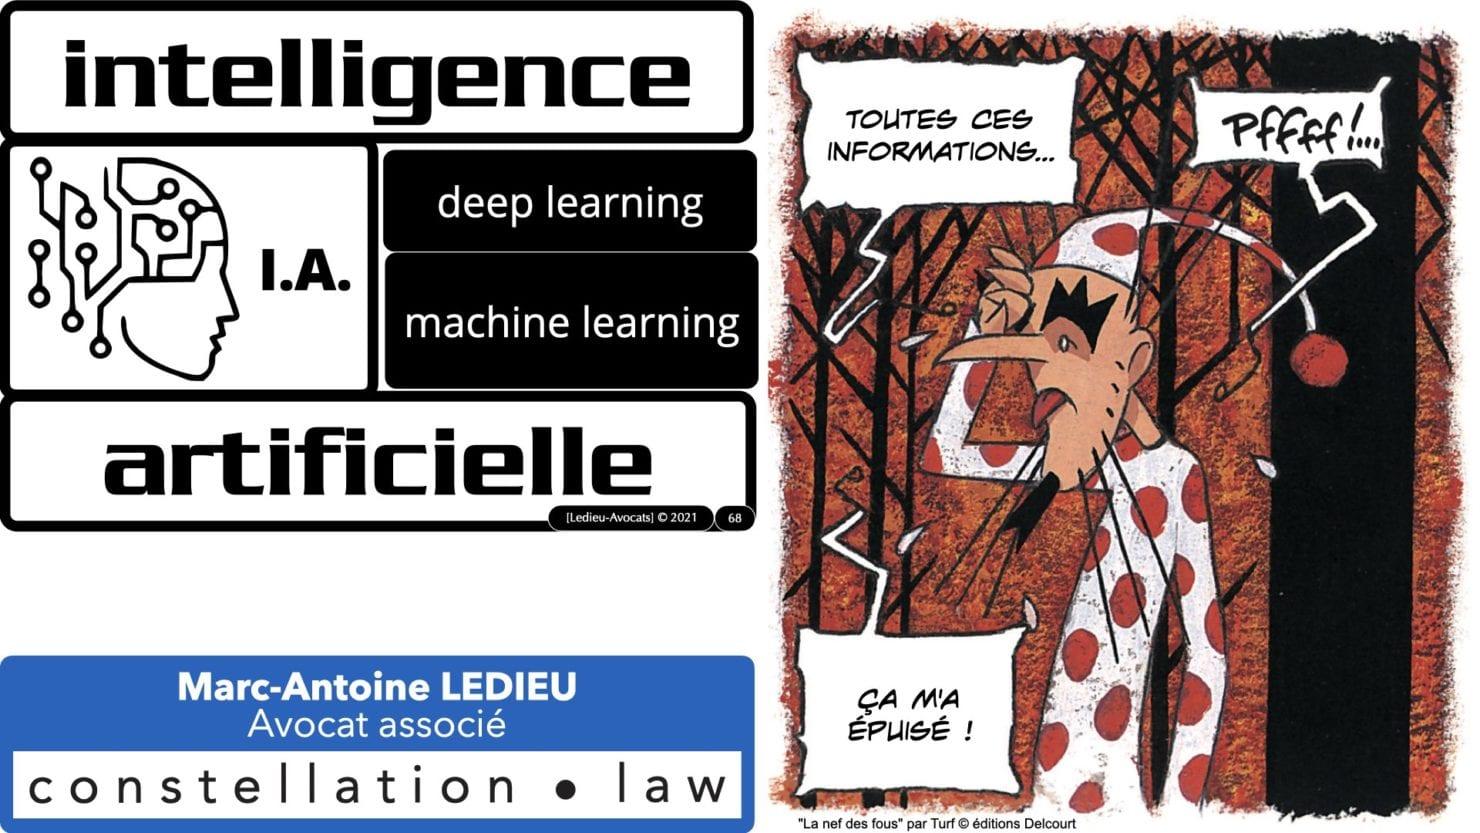 335 Intelligence Artificielle 2021 et AI Act [projet de Règlement UE] deep learning machine learning © Ledieu-Avocats 04-06-2021 *16:9*.068